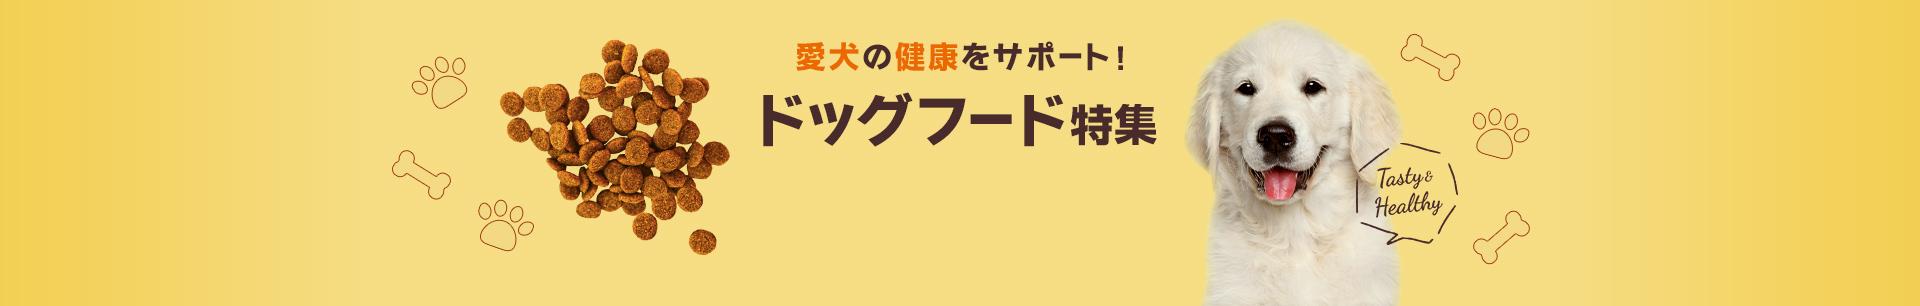 ドッグフード特集 愛犬の健康をサポート!